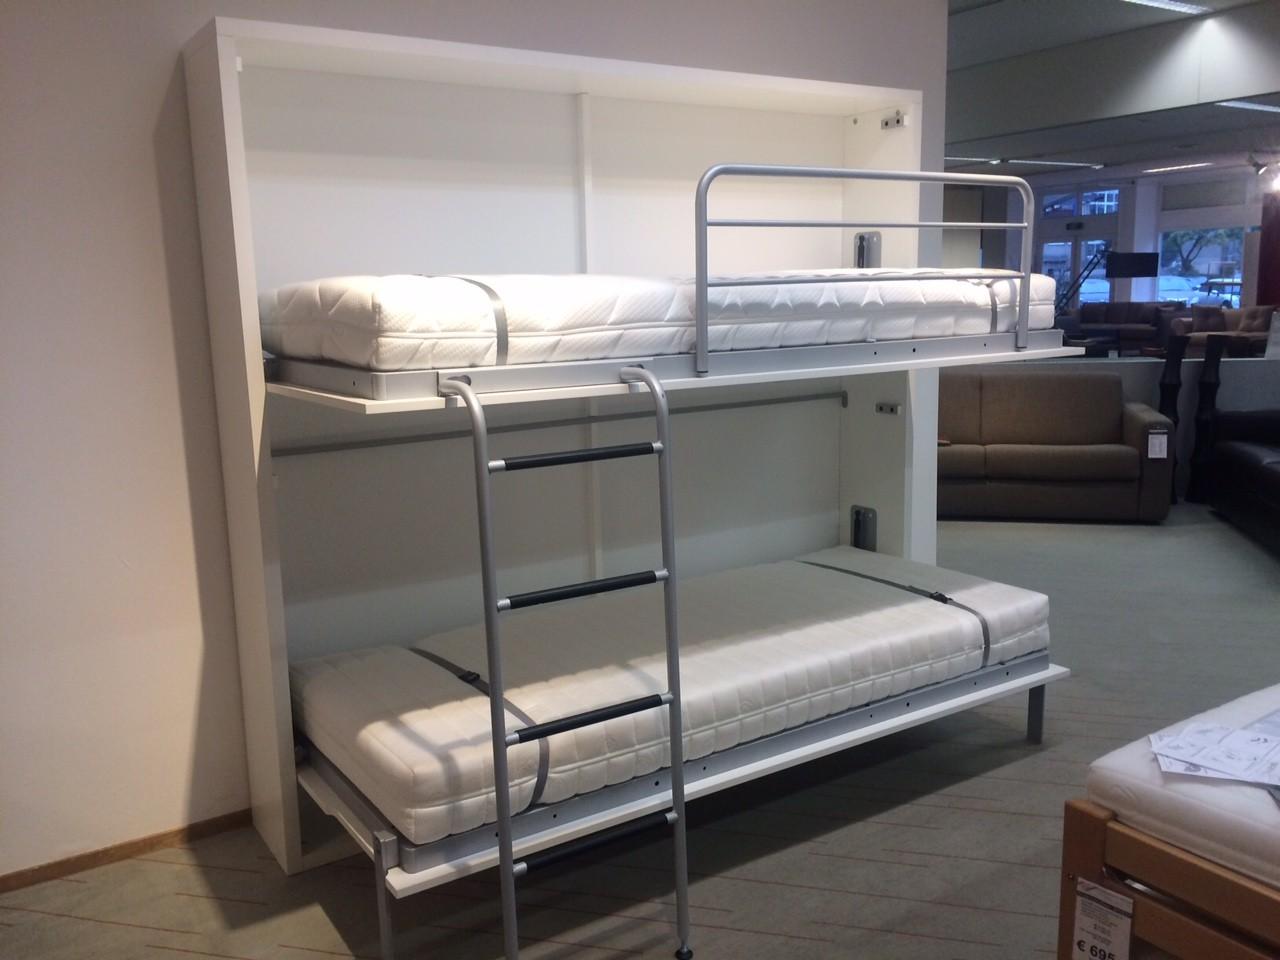 Winkel in amsterdam breda en den haag bedkast showroom bedkast voor in uw logeerkamer nodig - Opklapbaar bedplafond ...